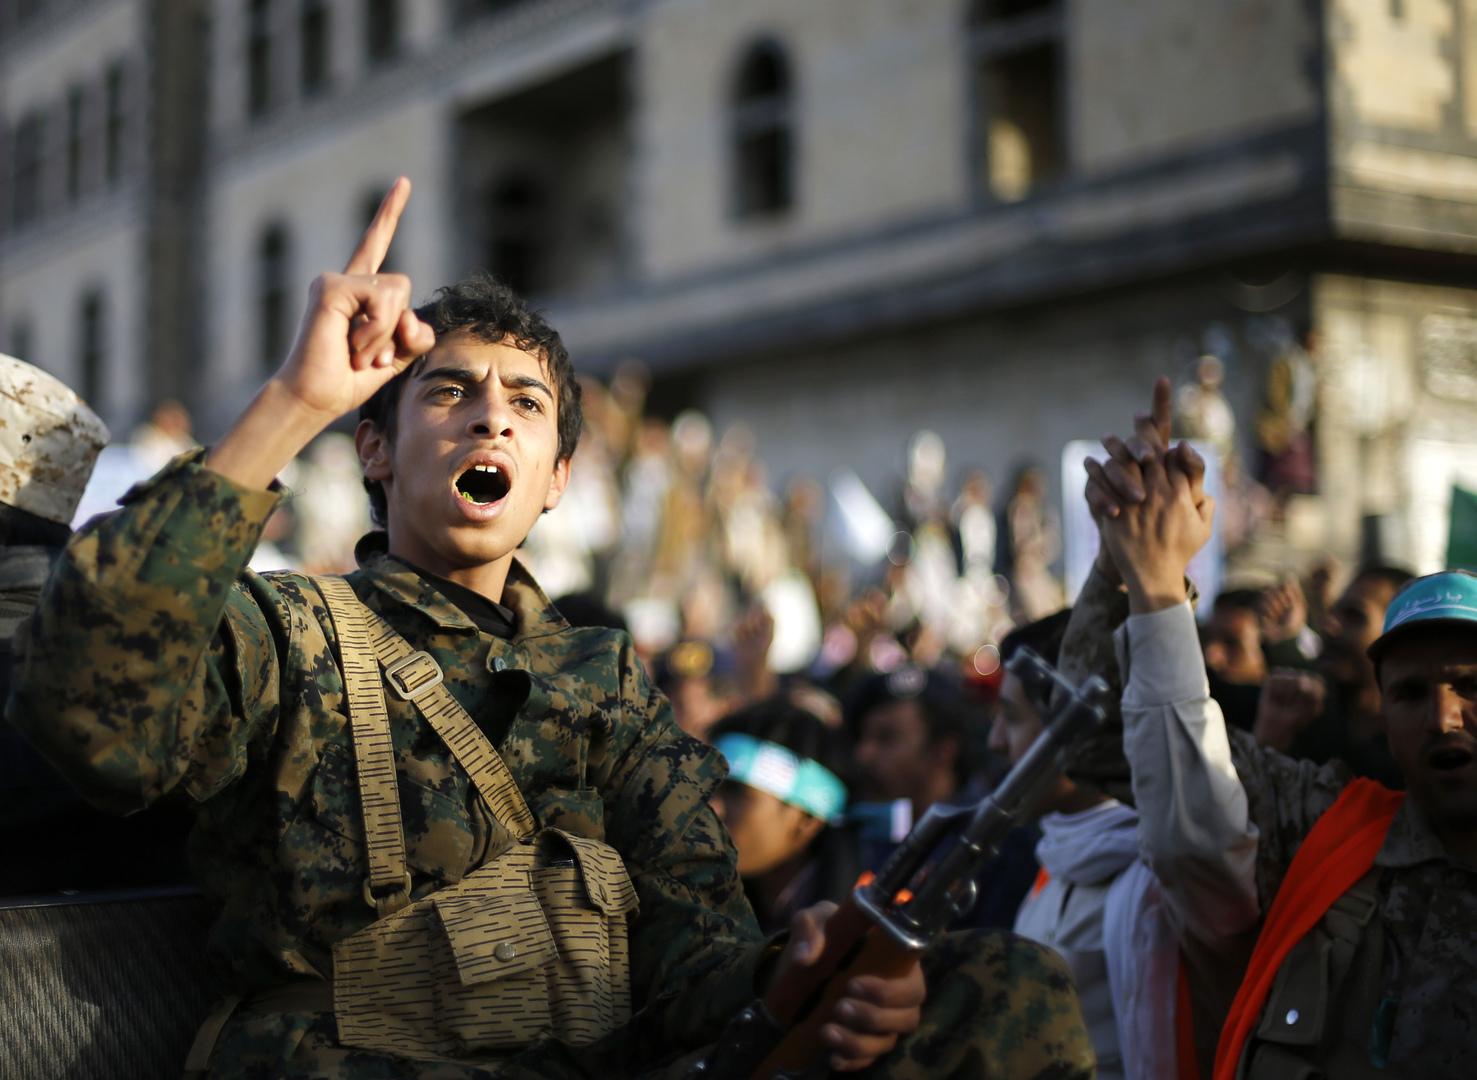 الحوثيون يشنون هجوما حادا على مجلس الأمن الدولي ويوجهون رسالة للتحالف